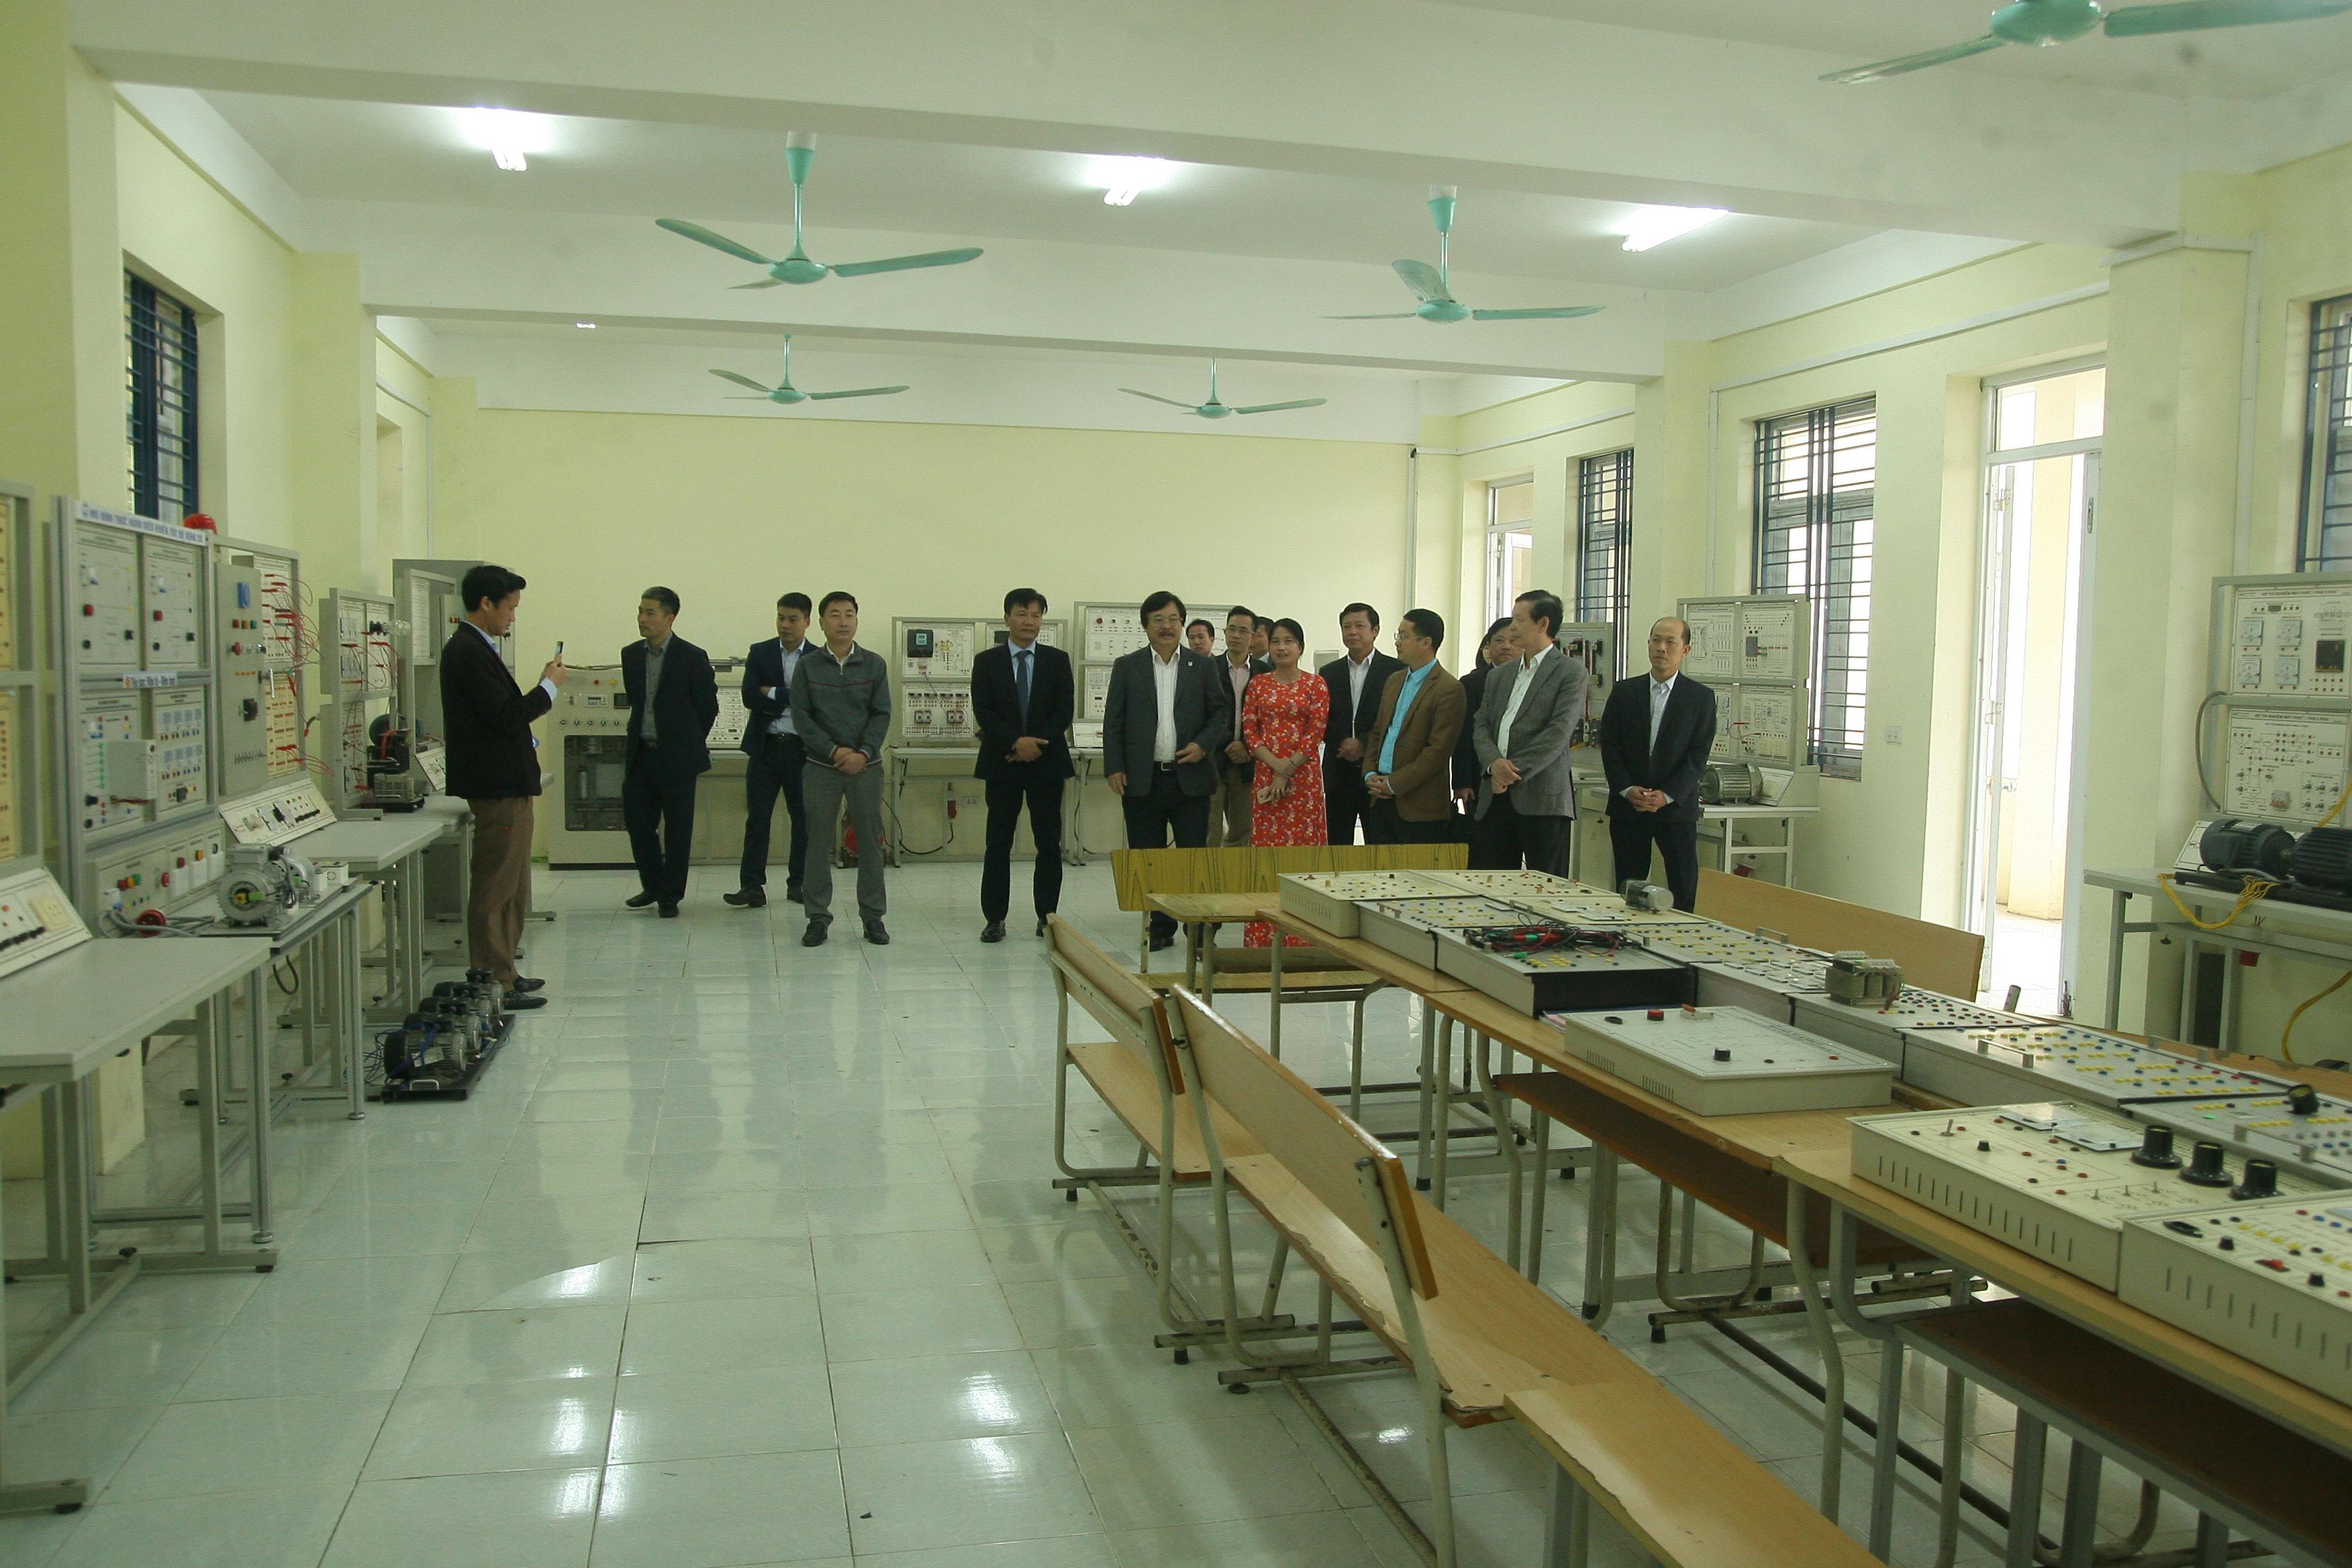 Đoàn công tác thăm quan một phòng thực hành khoa Điện của nhà trường.